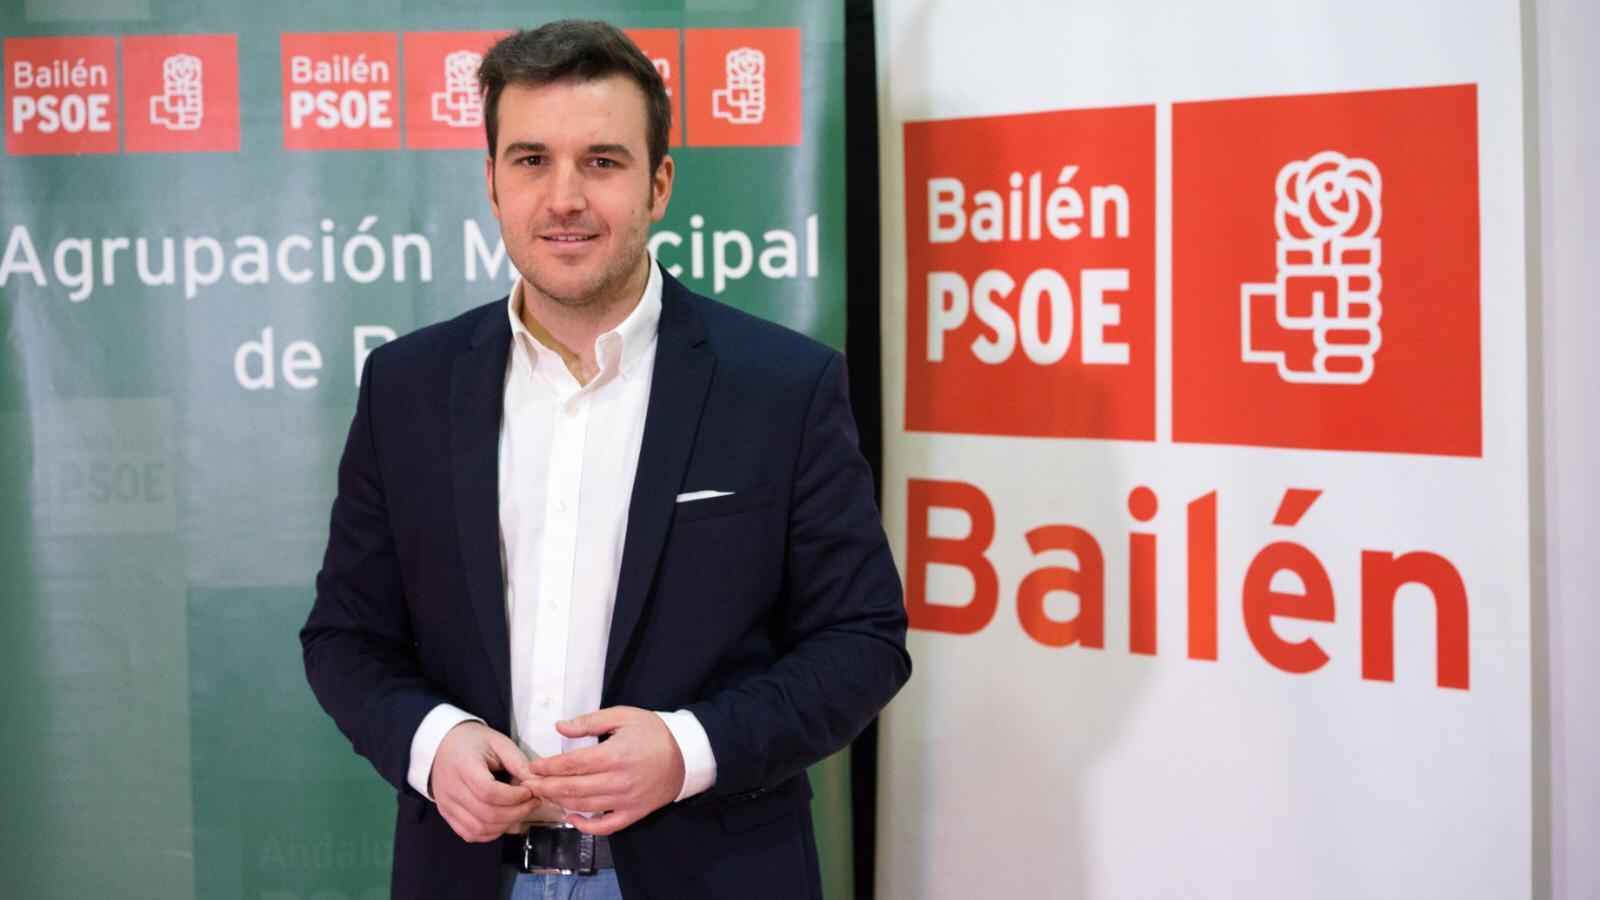 """El PSOE exige al alcalde de Bailén que dé la cara por el """"rosario de irregularidades"""" desveladas por la Cámara de Cuentas"""